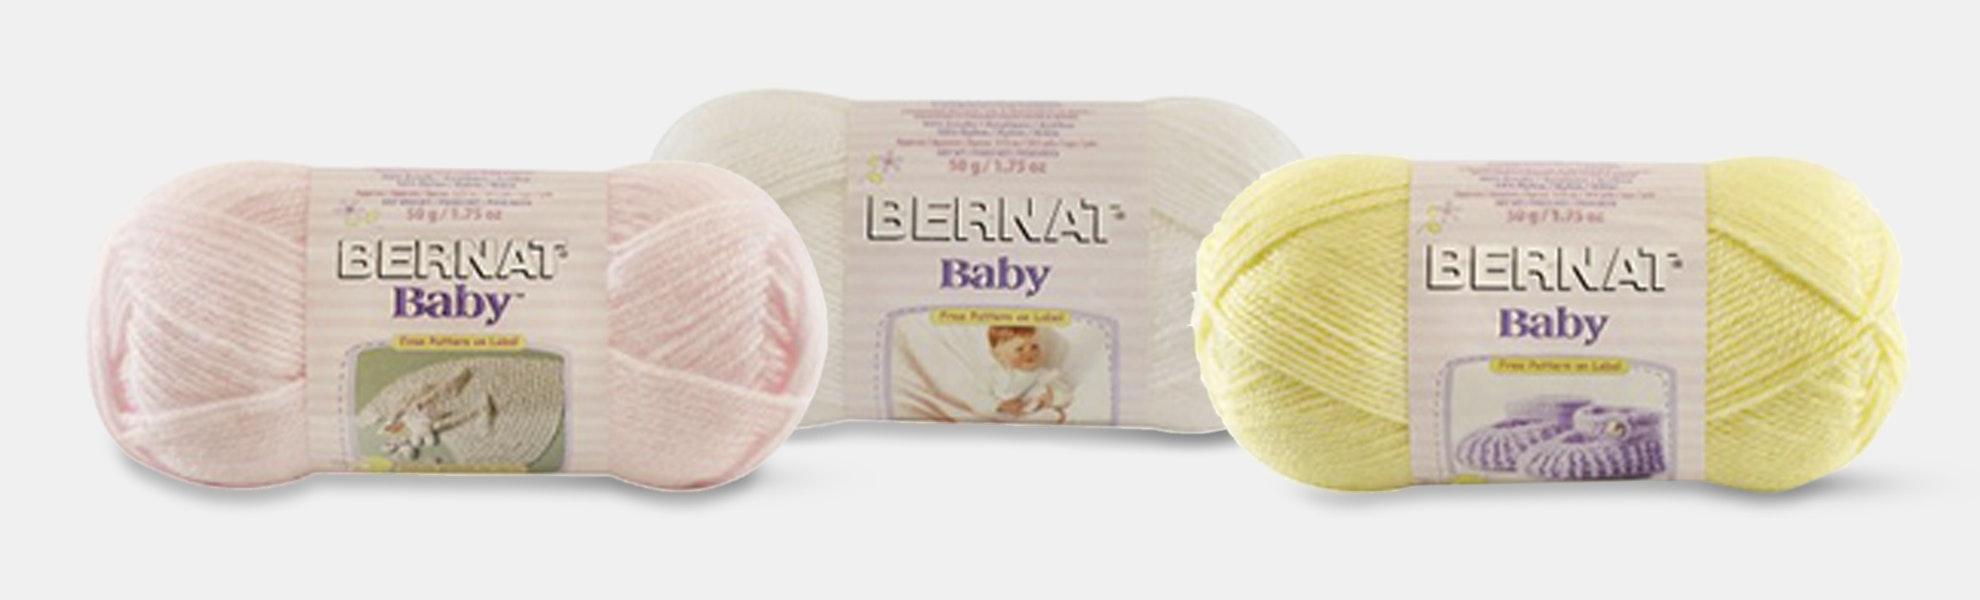 Baby Yarn by Bernat